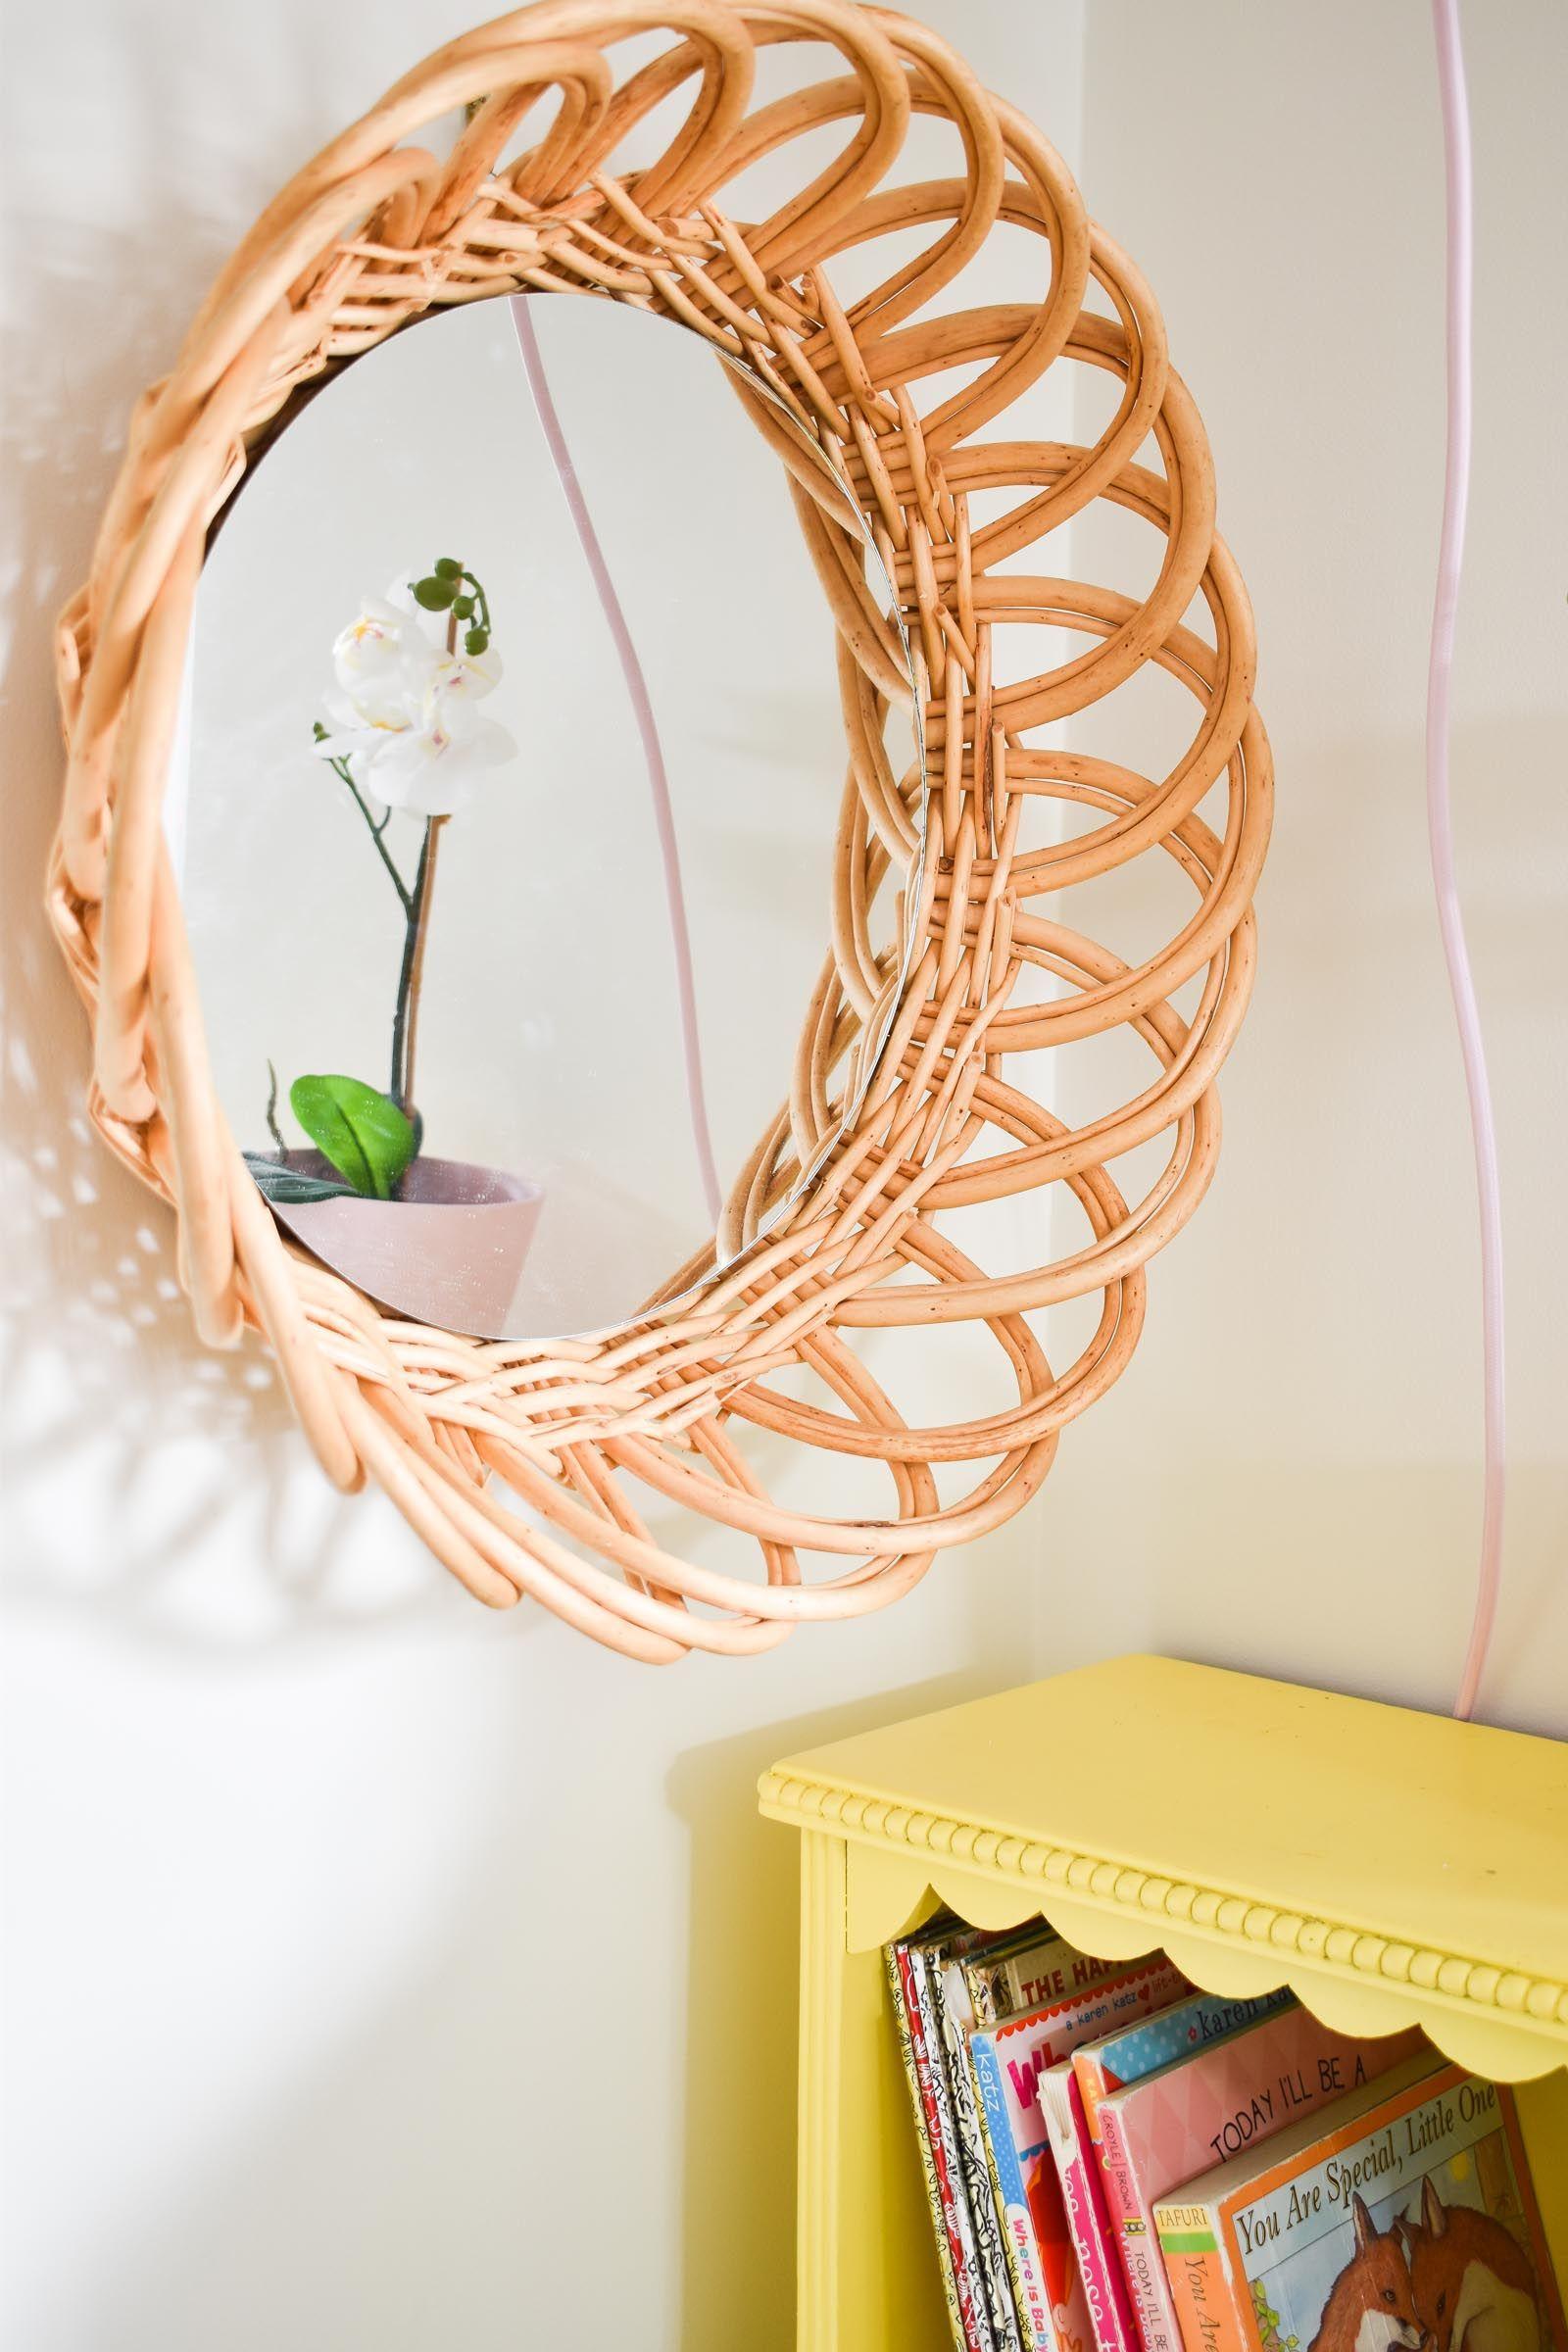 Round Rattan Mirror | Diy furniture projects, Diy mirror ...